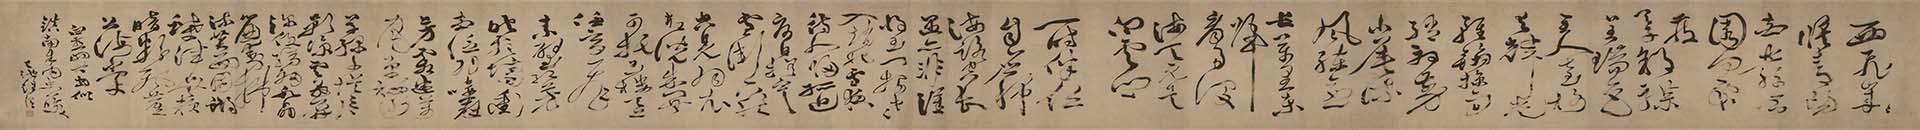 明 徐渭 草书白燕诗(全卷)纸本30x420.5绍兴考古研究所